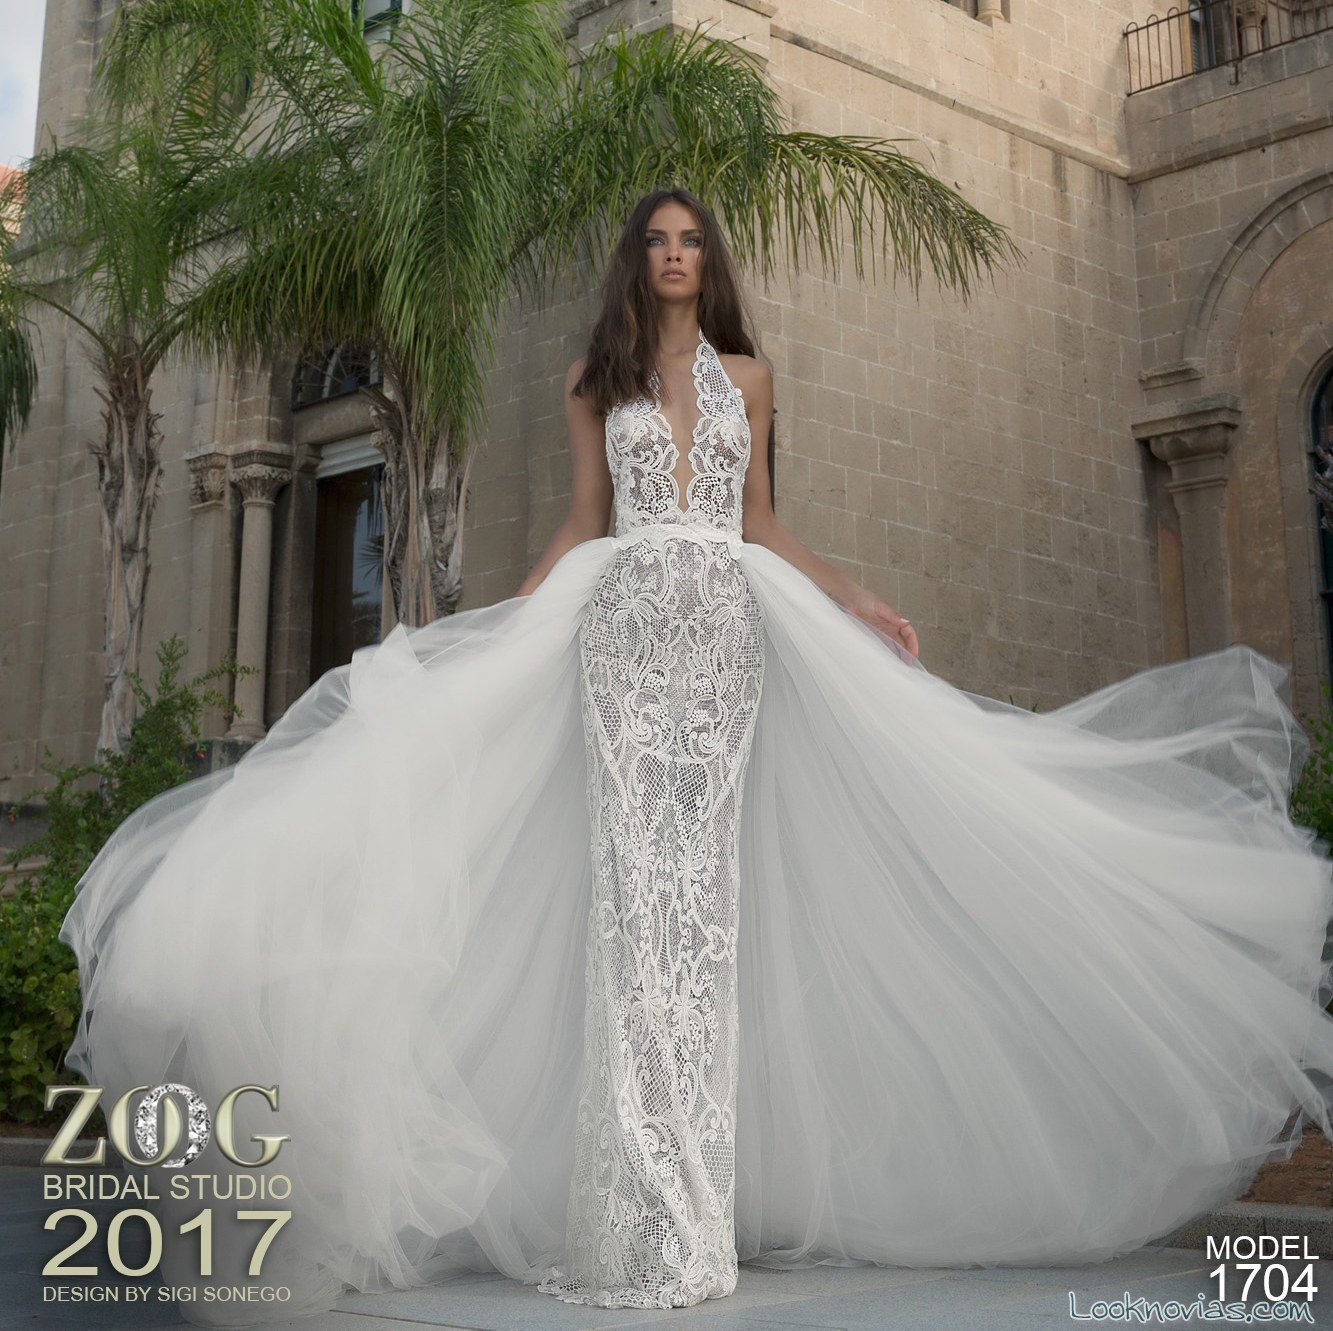 vestido recto de novia con doble falda zoog bridal